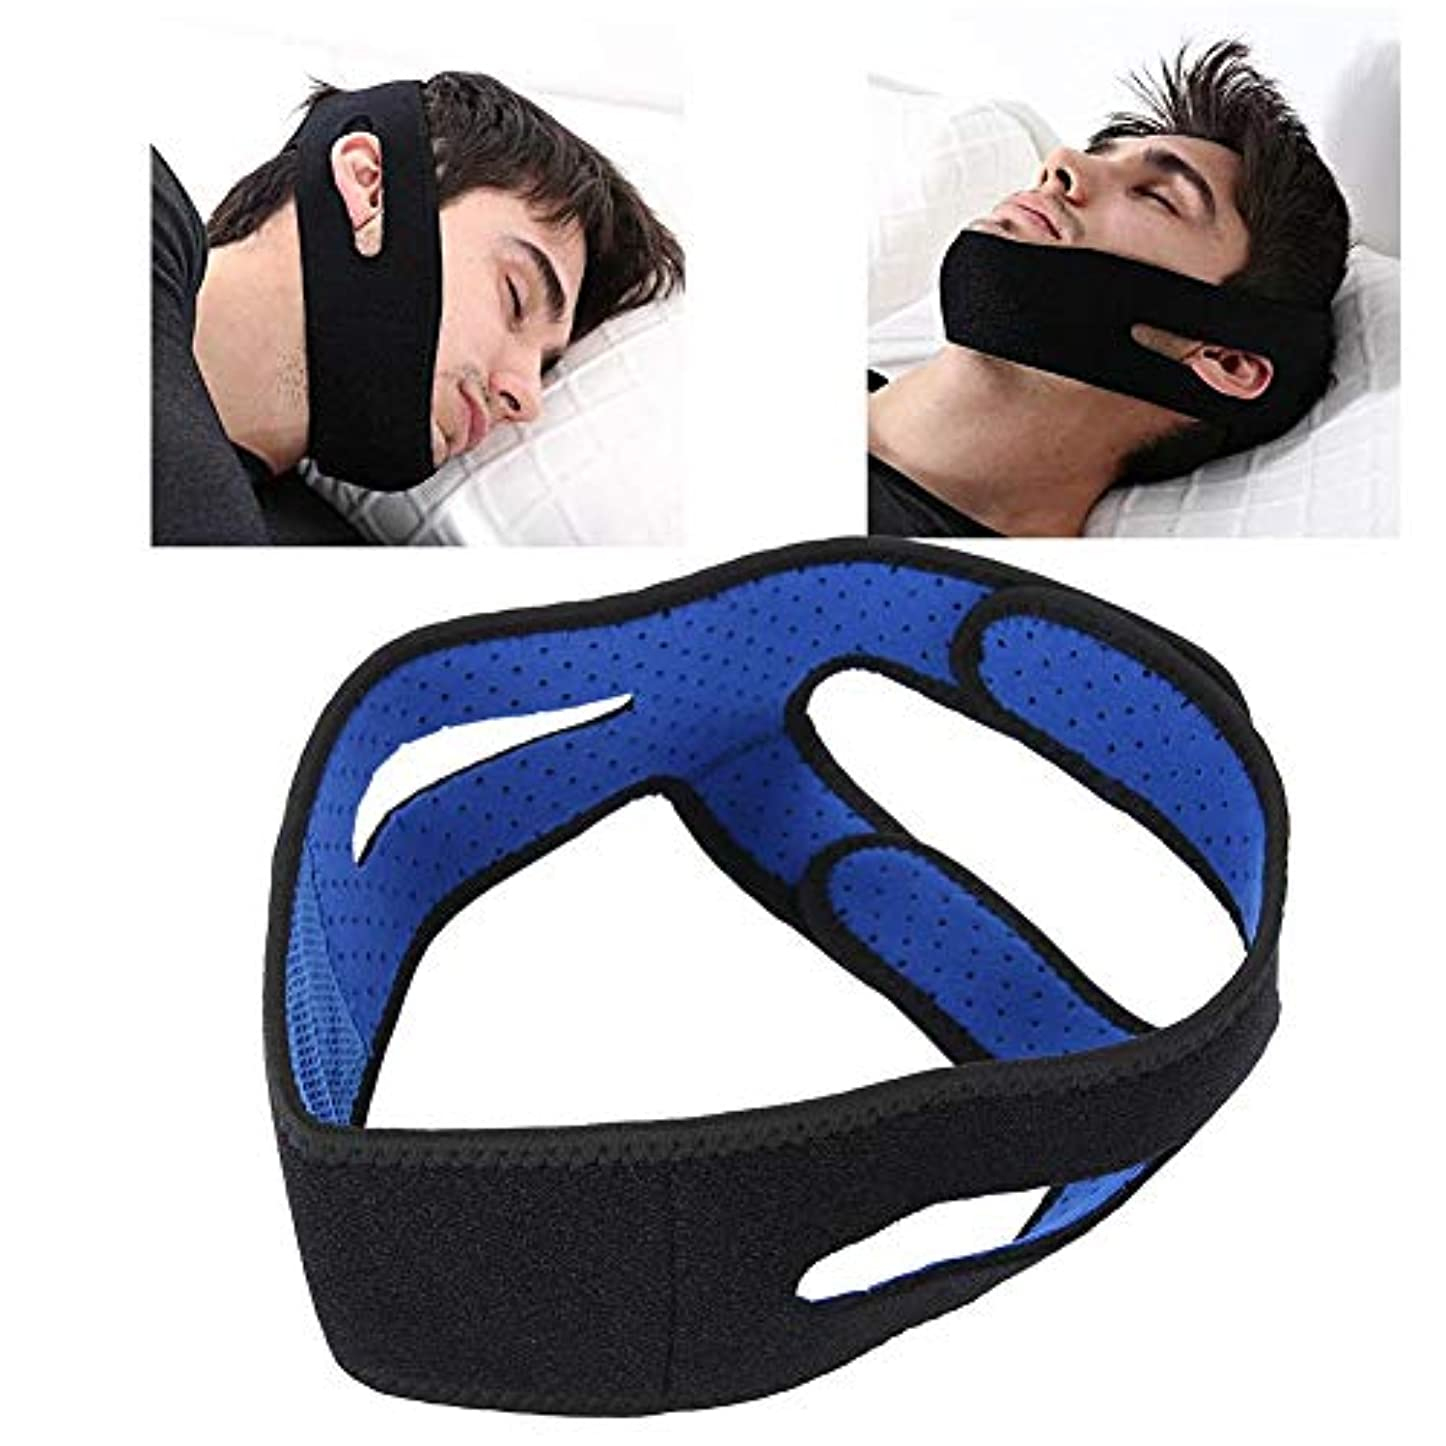 出撃者非常に怒っています遊びますあごサポートストラップ、男性と女性のいびきを眠るための調節可能な顎あごひげの顔の持ち上がるベルト